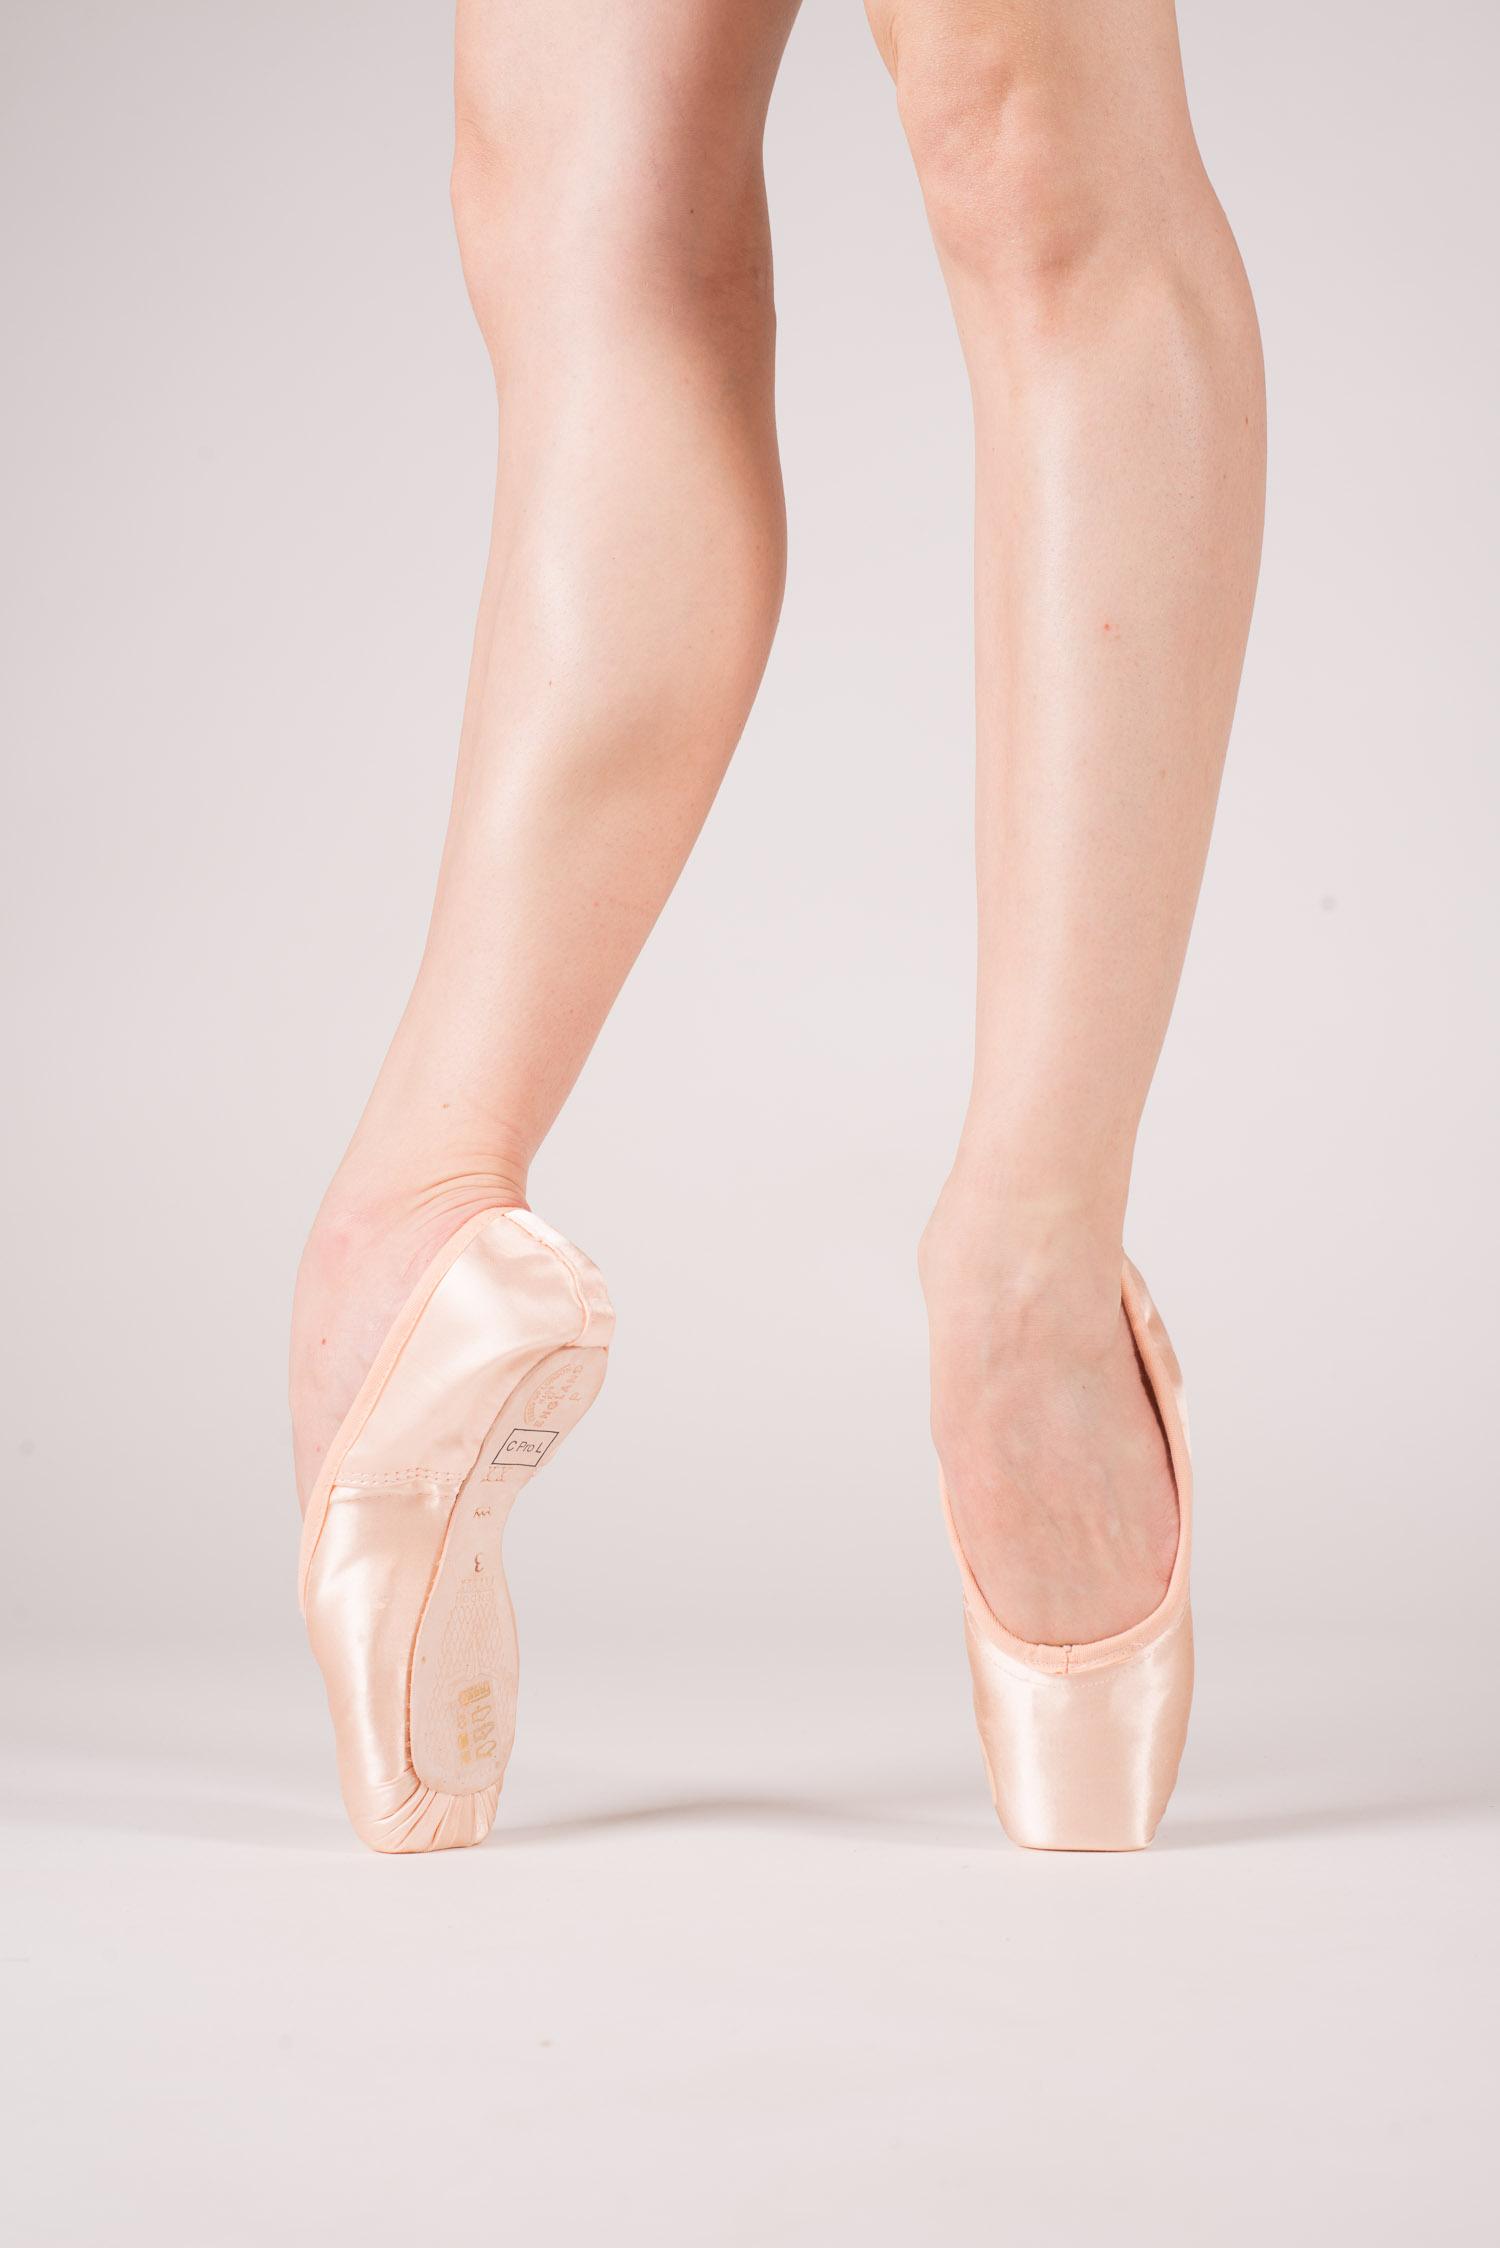 Danse Mademoiselle De Classique Femme Et Chausson Jazz UqRBn7ff